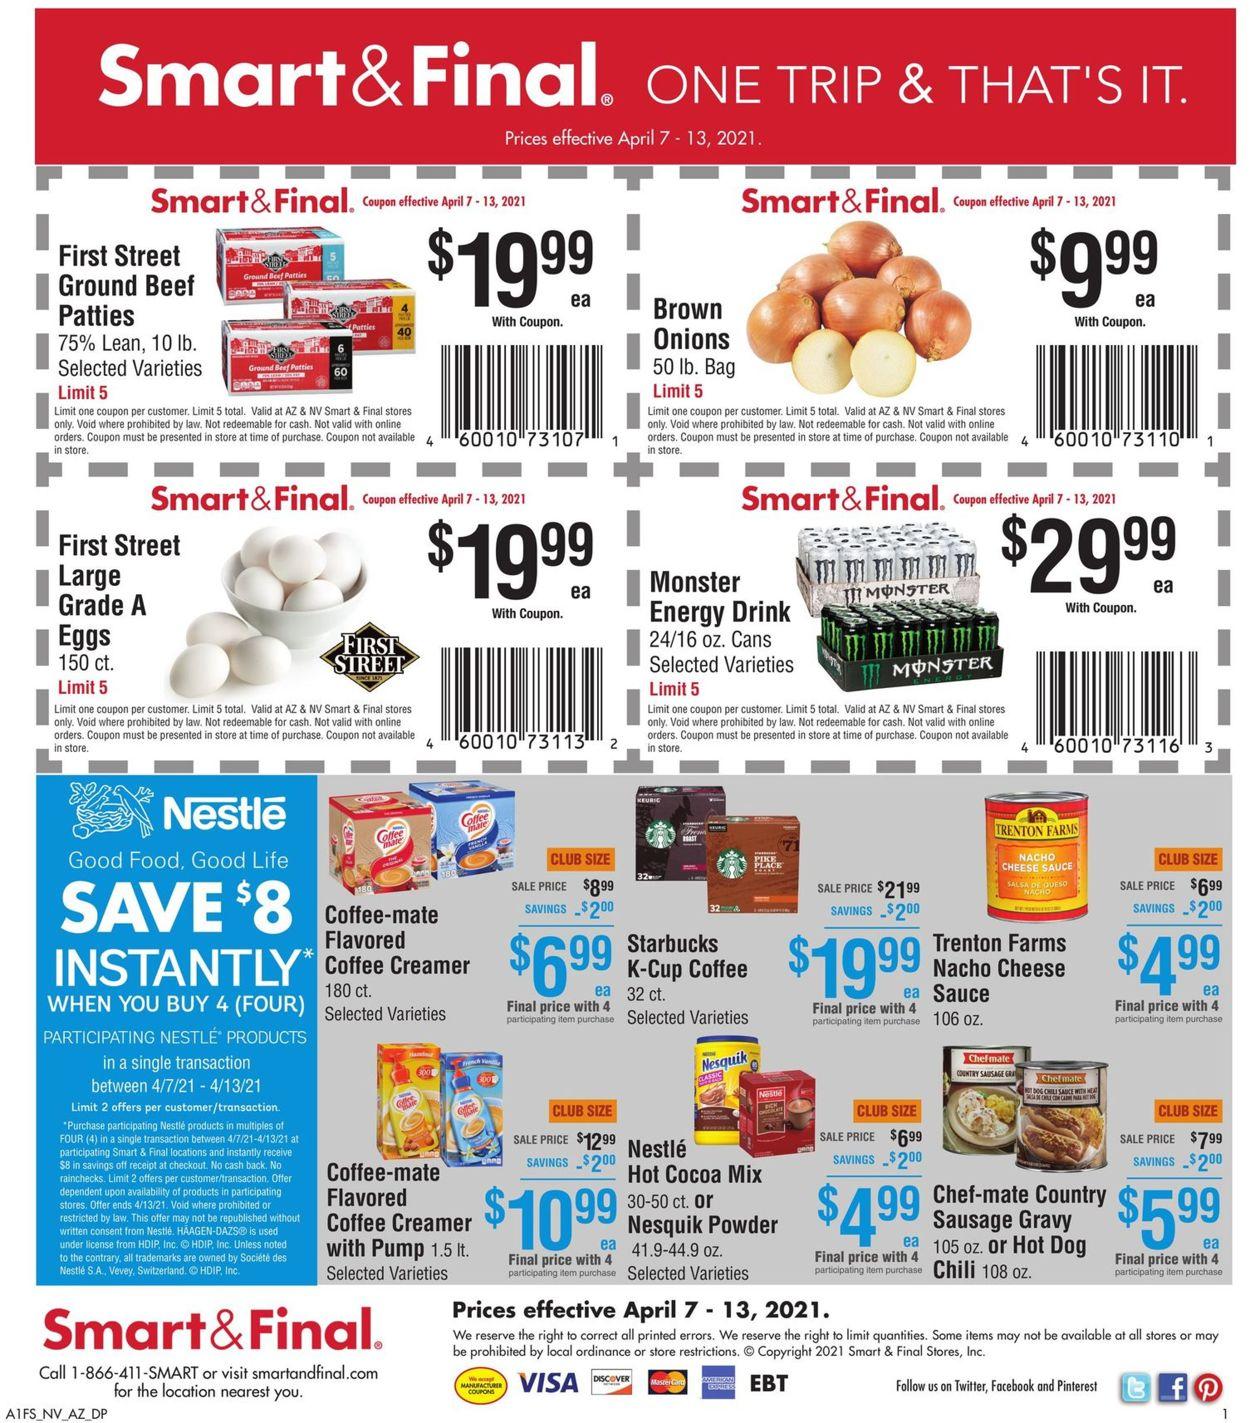 Smart and Final Weekly Ad Circular - valid 04/07-04/13/2021